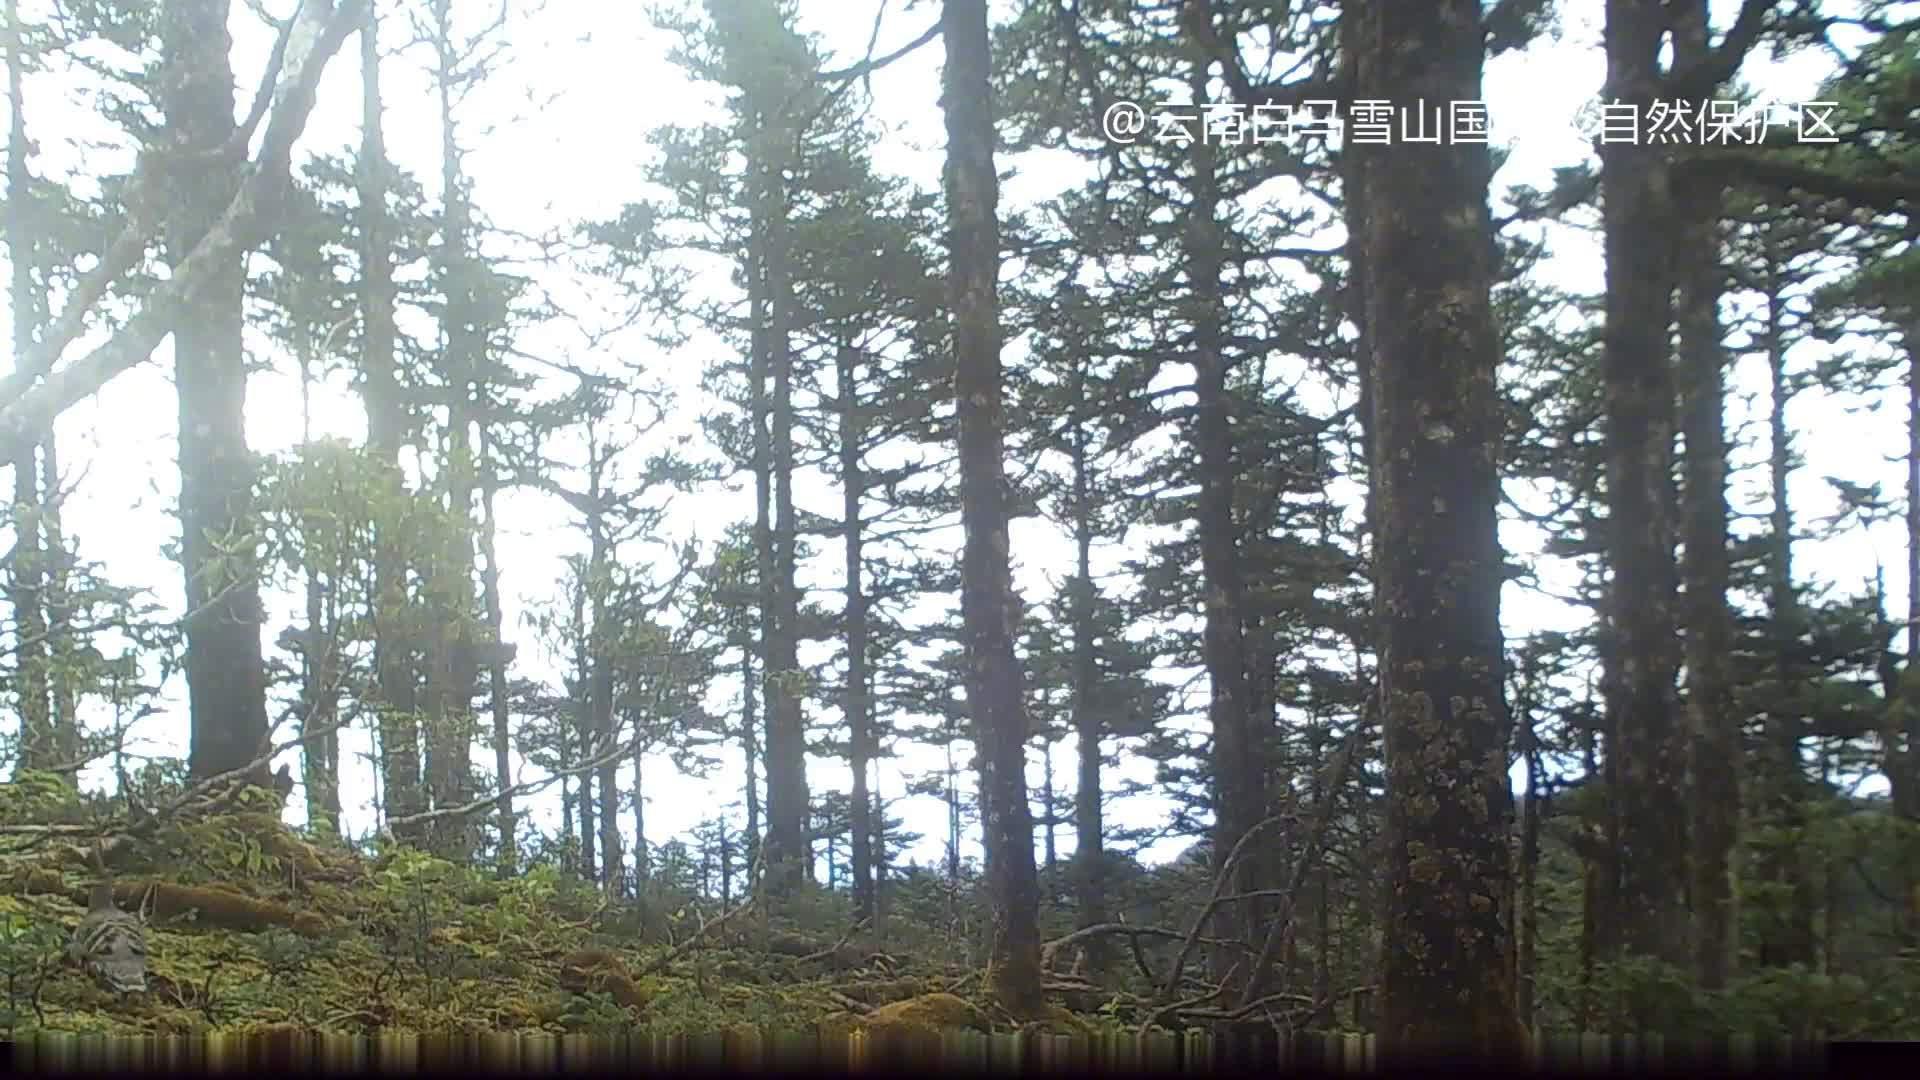 惊喜!白马雪山保护区内拍到四川雉鹑清晰影像